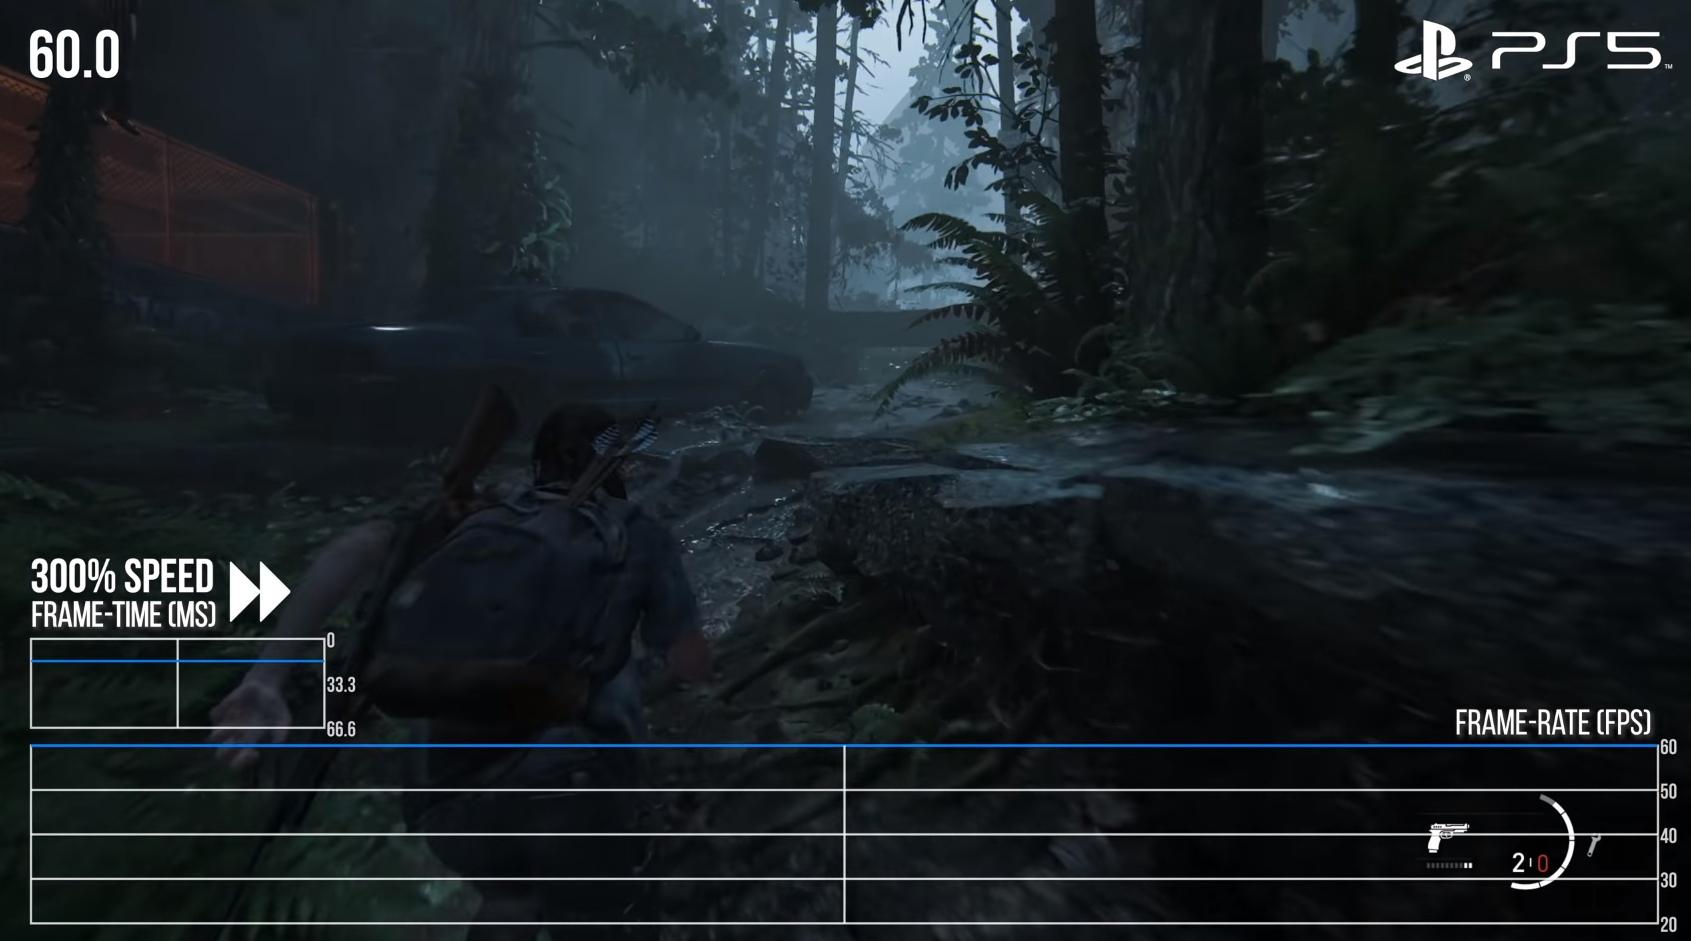 Технический анализ патча для The Last of Us Part 2 на PS5 с поддержкой 60 FPS от Digital Foundry